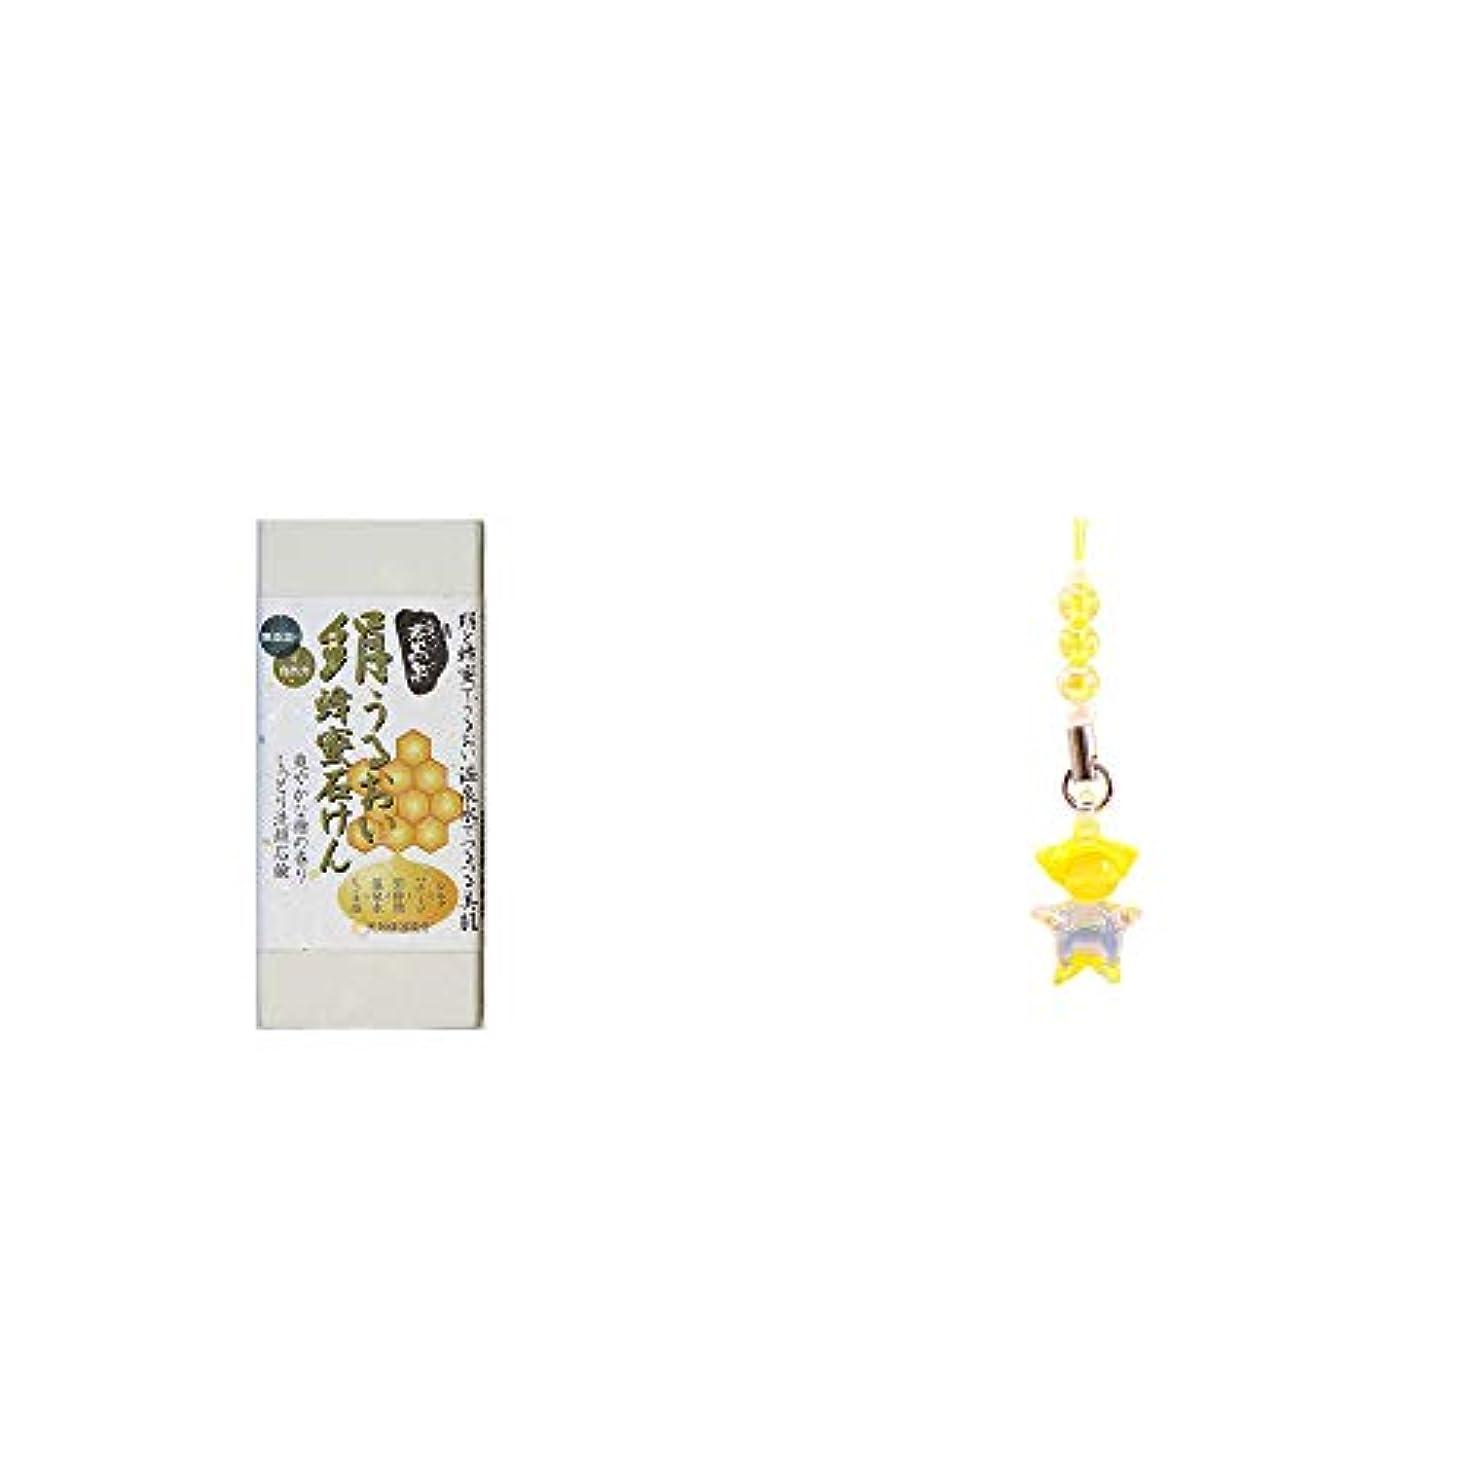 威信導体ビジネス[2点セット] ひのき炭黒泉 絹うるおい蜂蜜石けん(75g×2)?ガラスのさるぼぼ 手作りキーホルダー 【黄】 /金運?ギャンブル運?財運?宝くじ当選祈願//